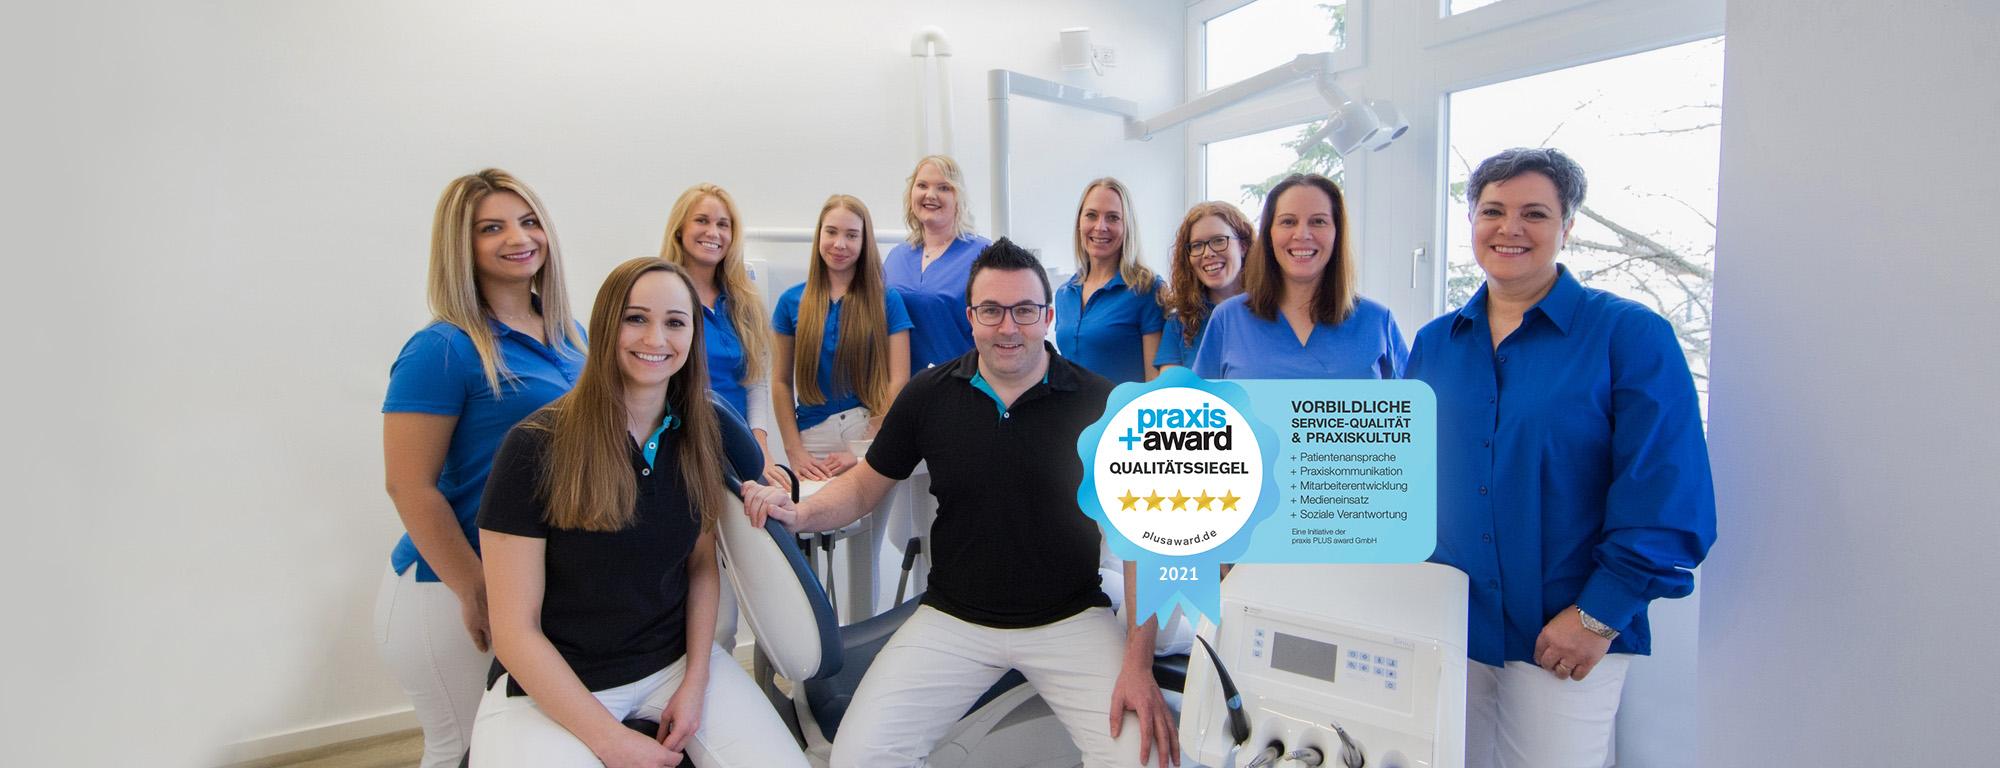 Zahnarzt Dr Hintze Mühlheim am Main Team und Ärzte